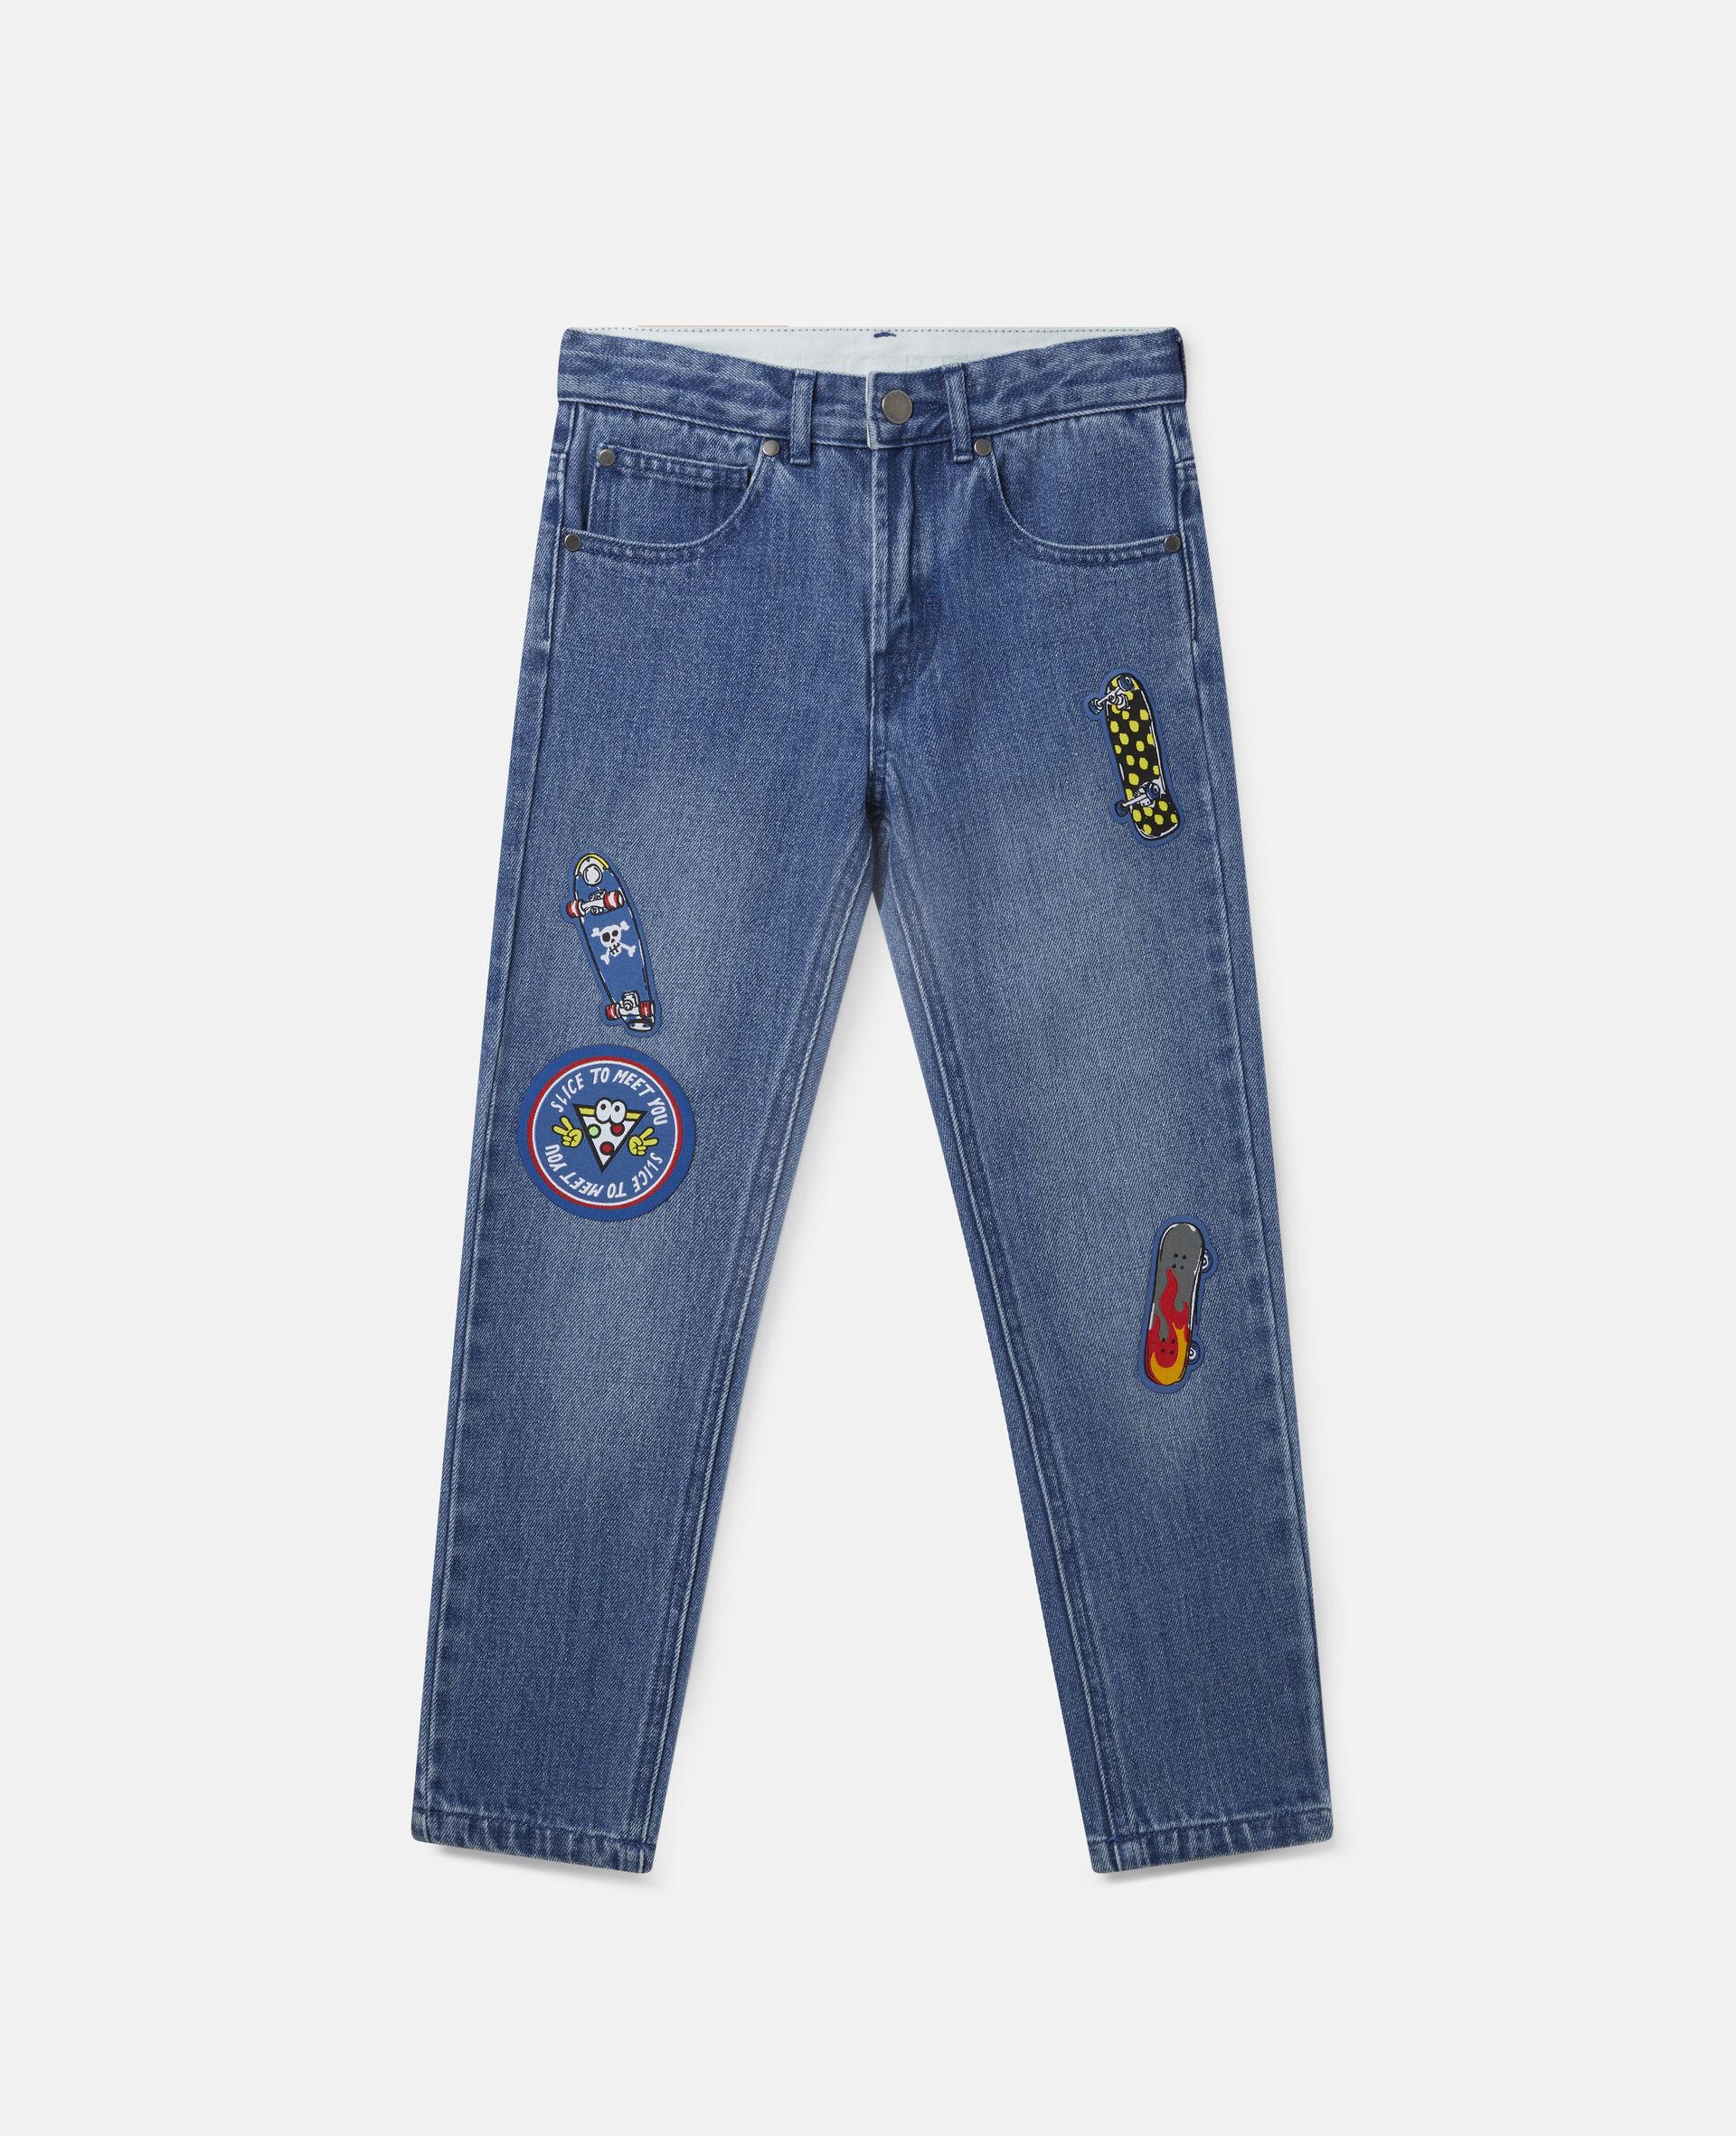 Skates Badges Denim Trousers-Blue-large image number 0